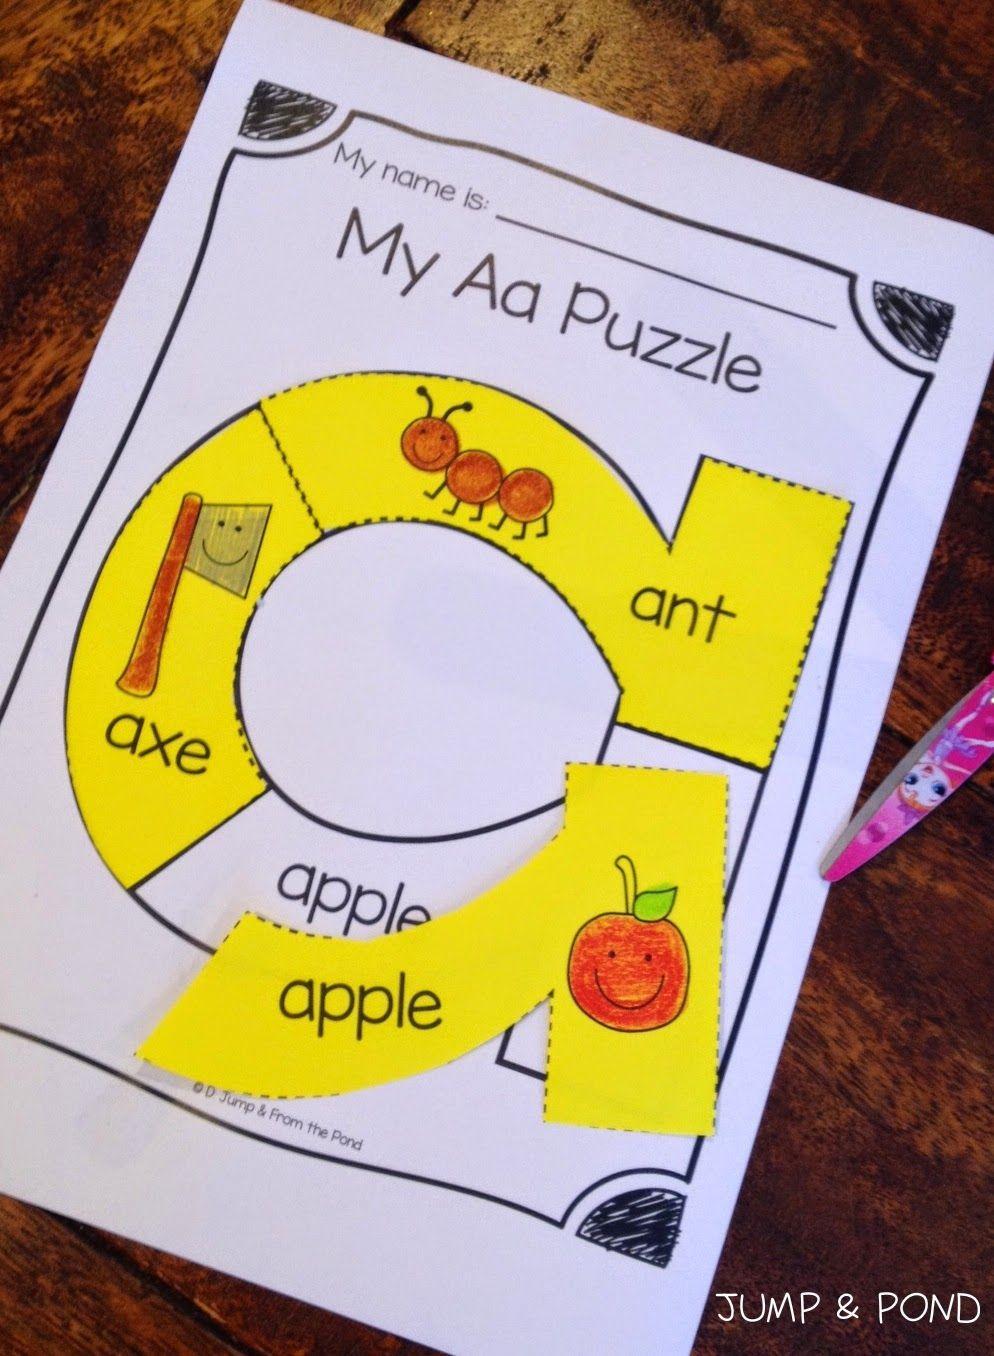 From The Pond Alphabet Preschool Preschool Letters Preschool Activities [ 1356 x 994 Pixel ]